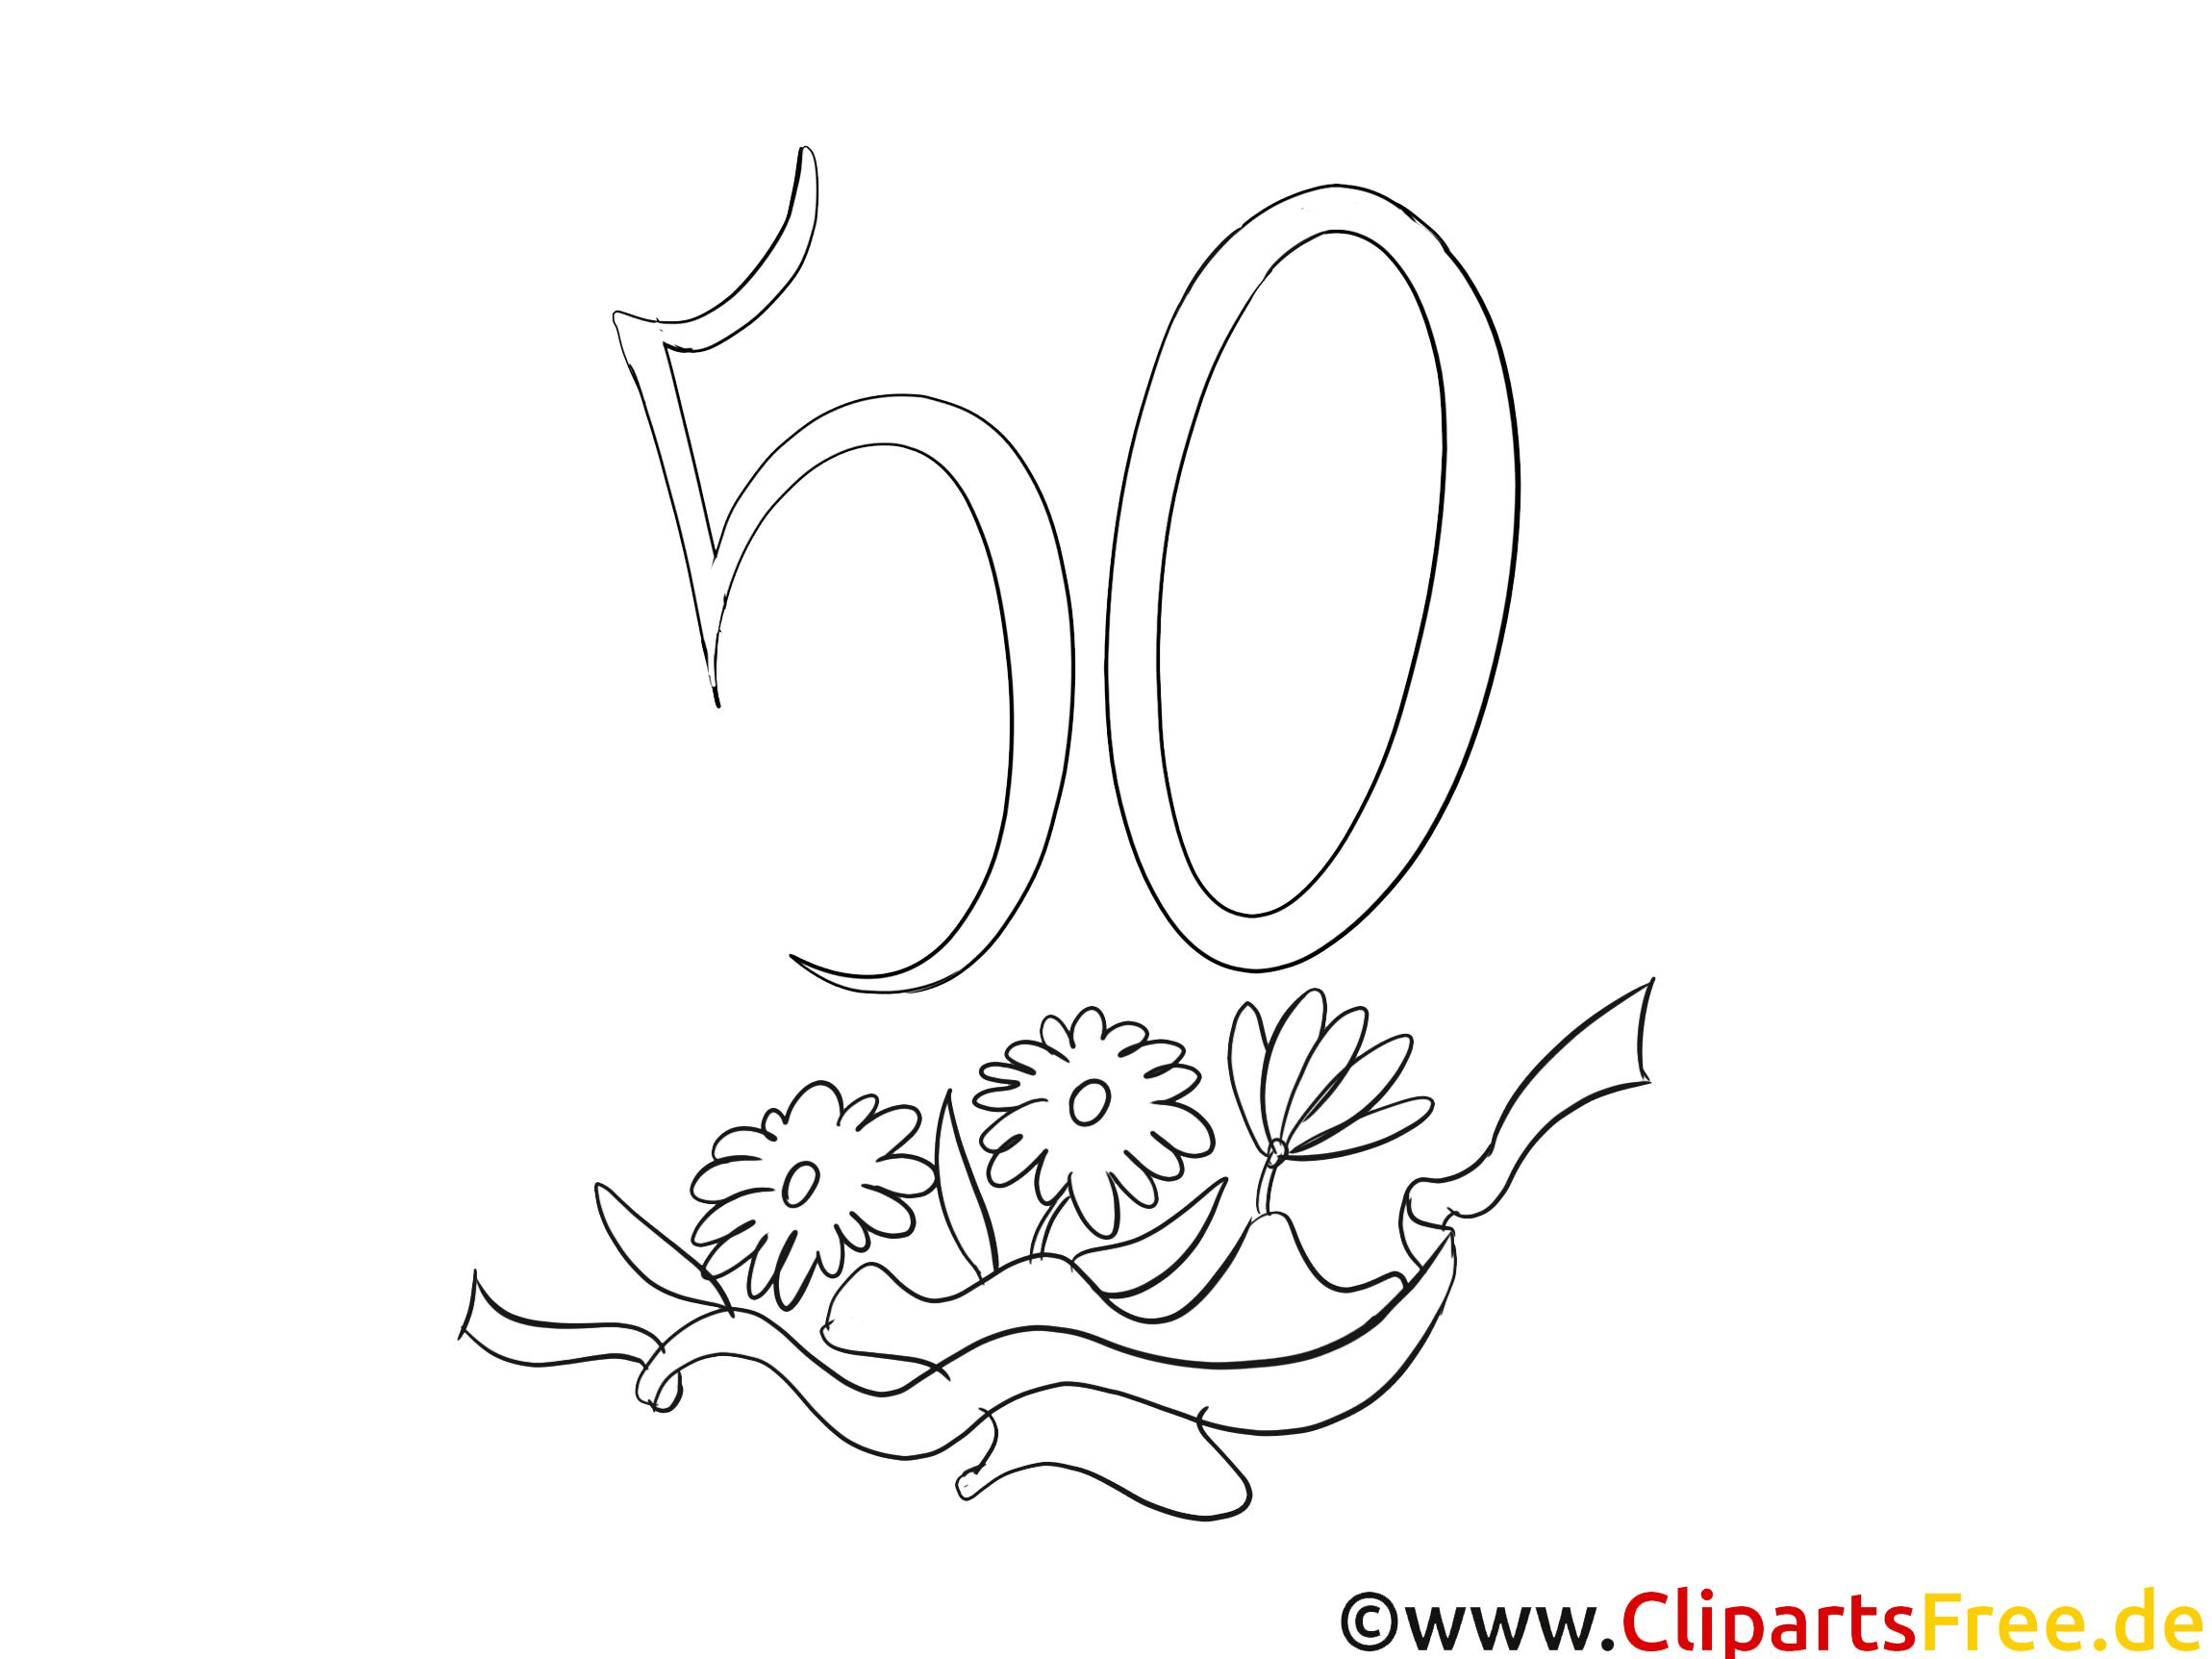 Einfache Malvorlage 50 Geburtstag